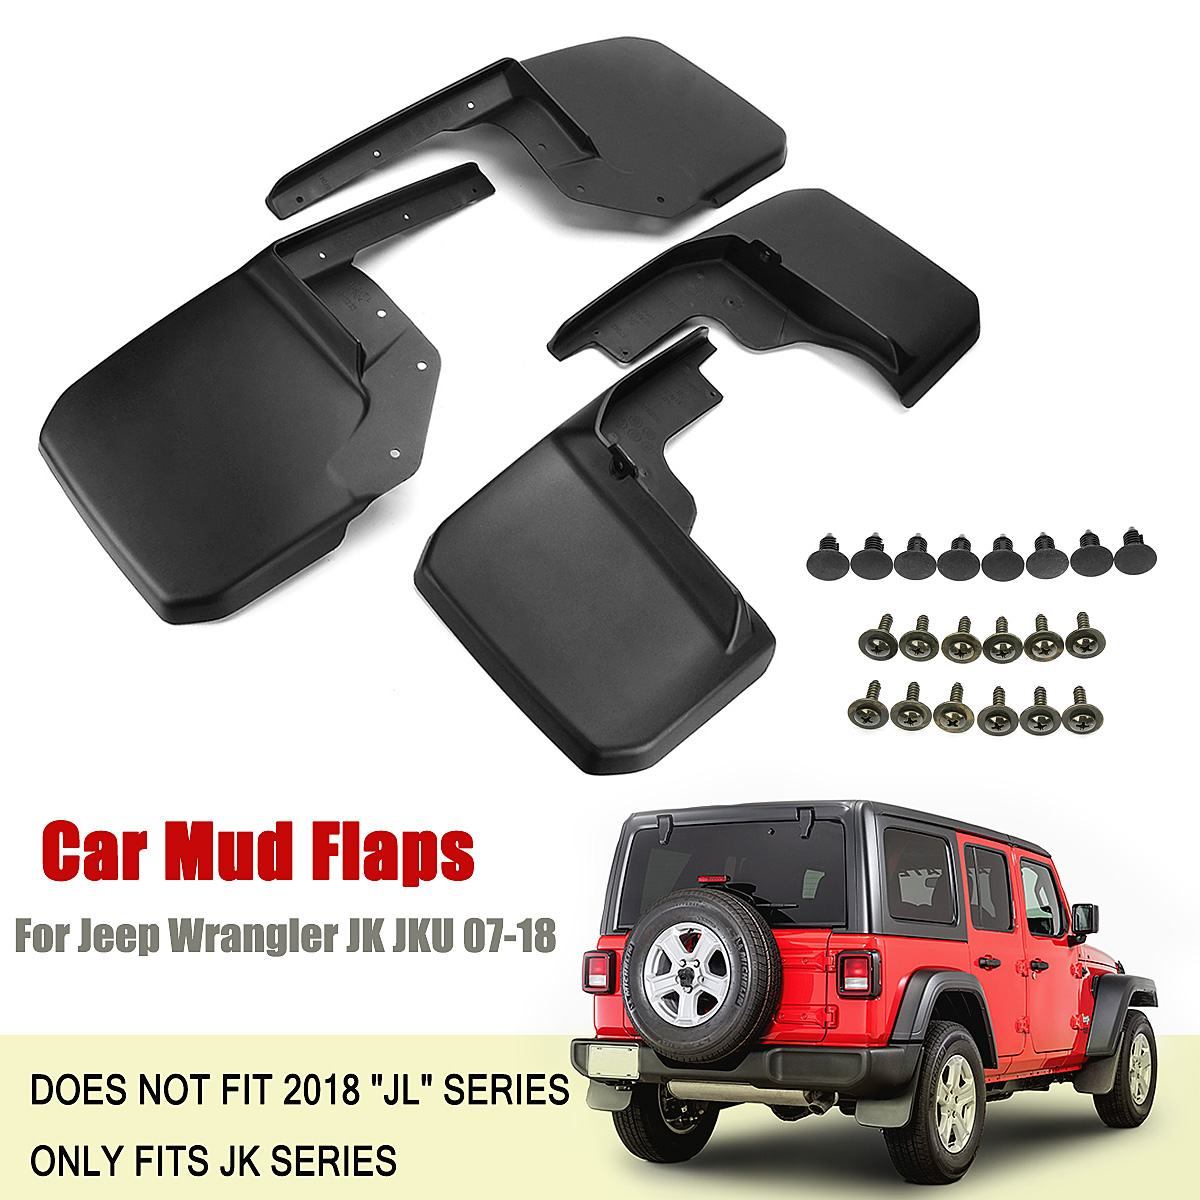 Car Mud Flaps For Jeep for Wrangler JK JKU 2007 2018 Front Rear Splash Guards For